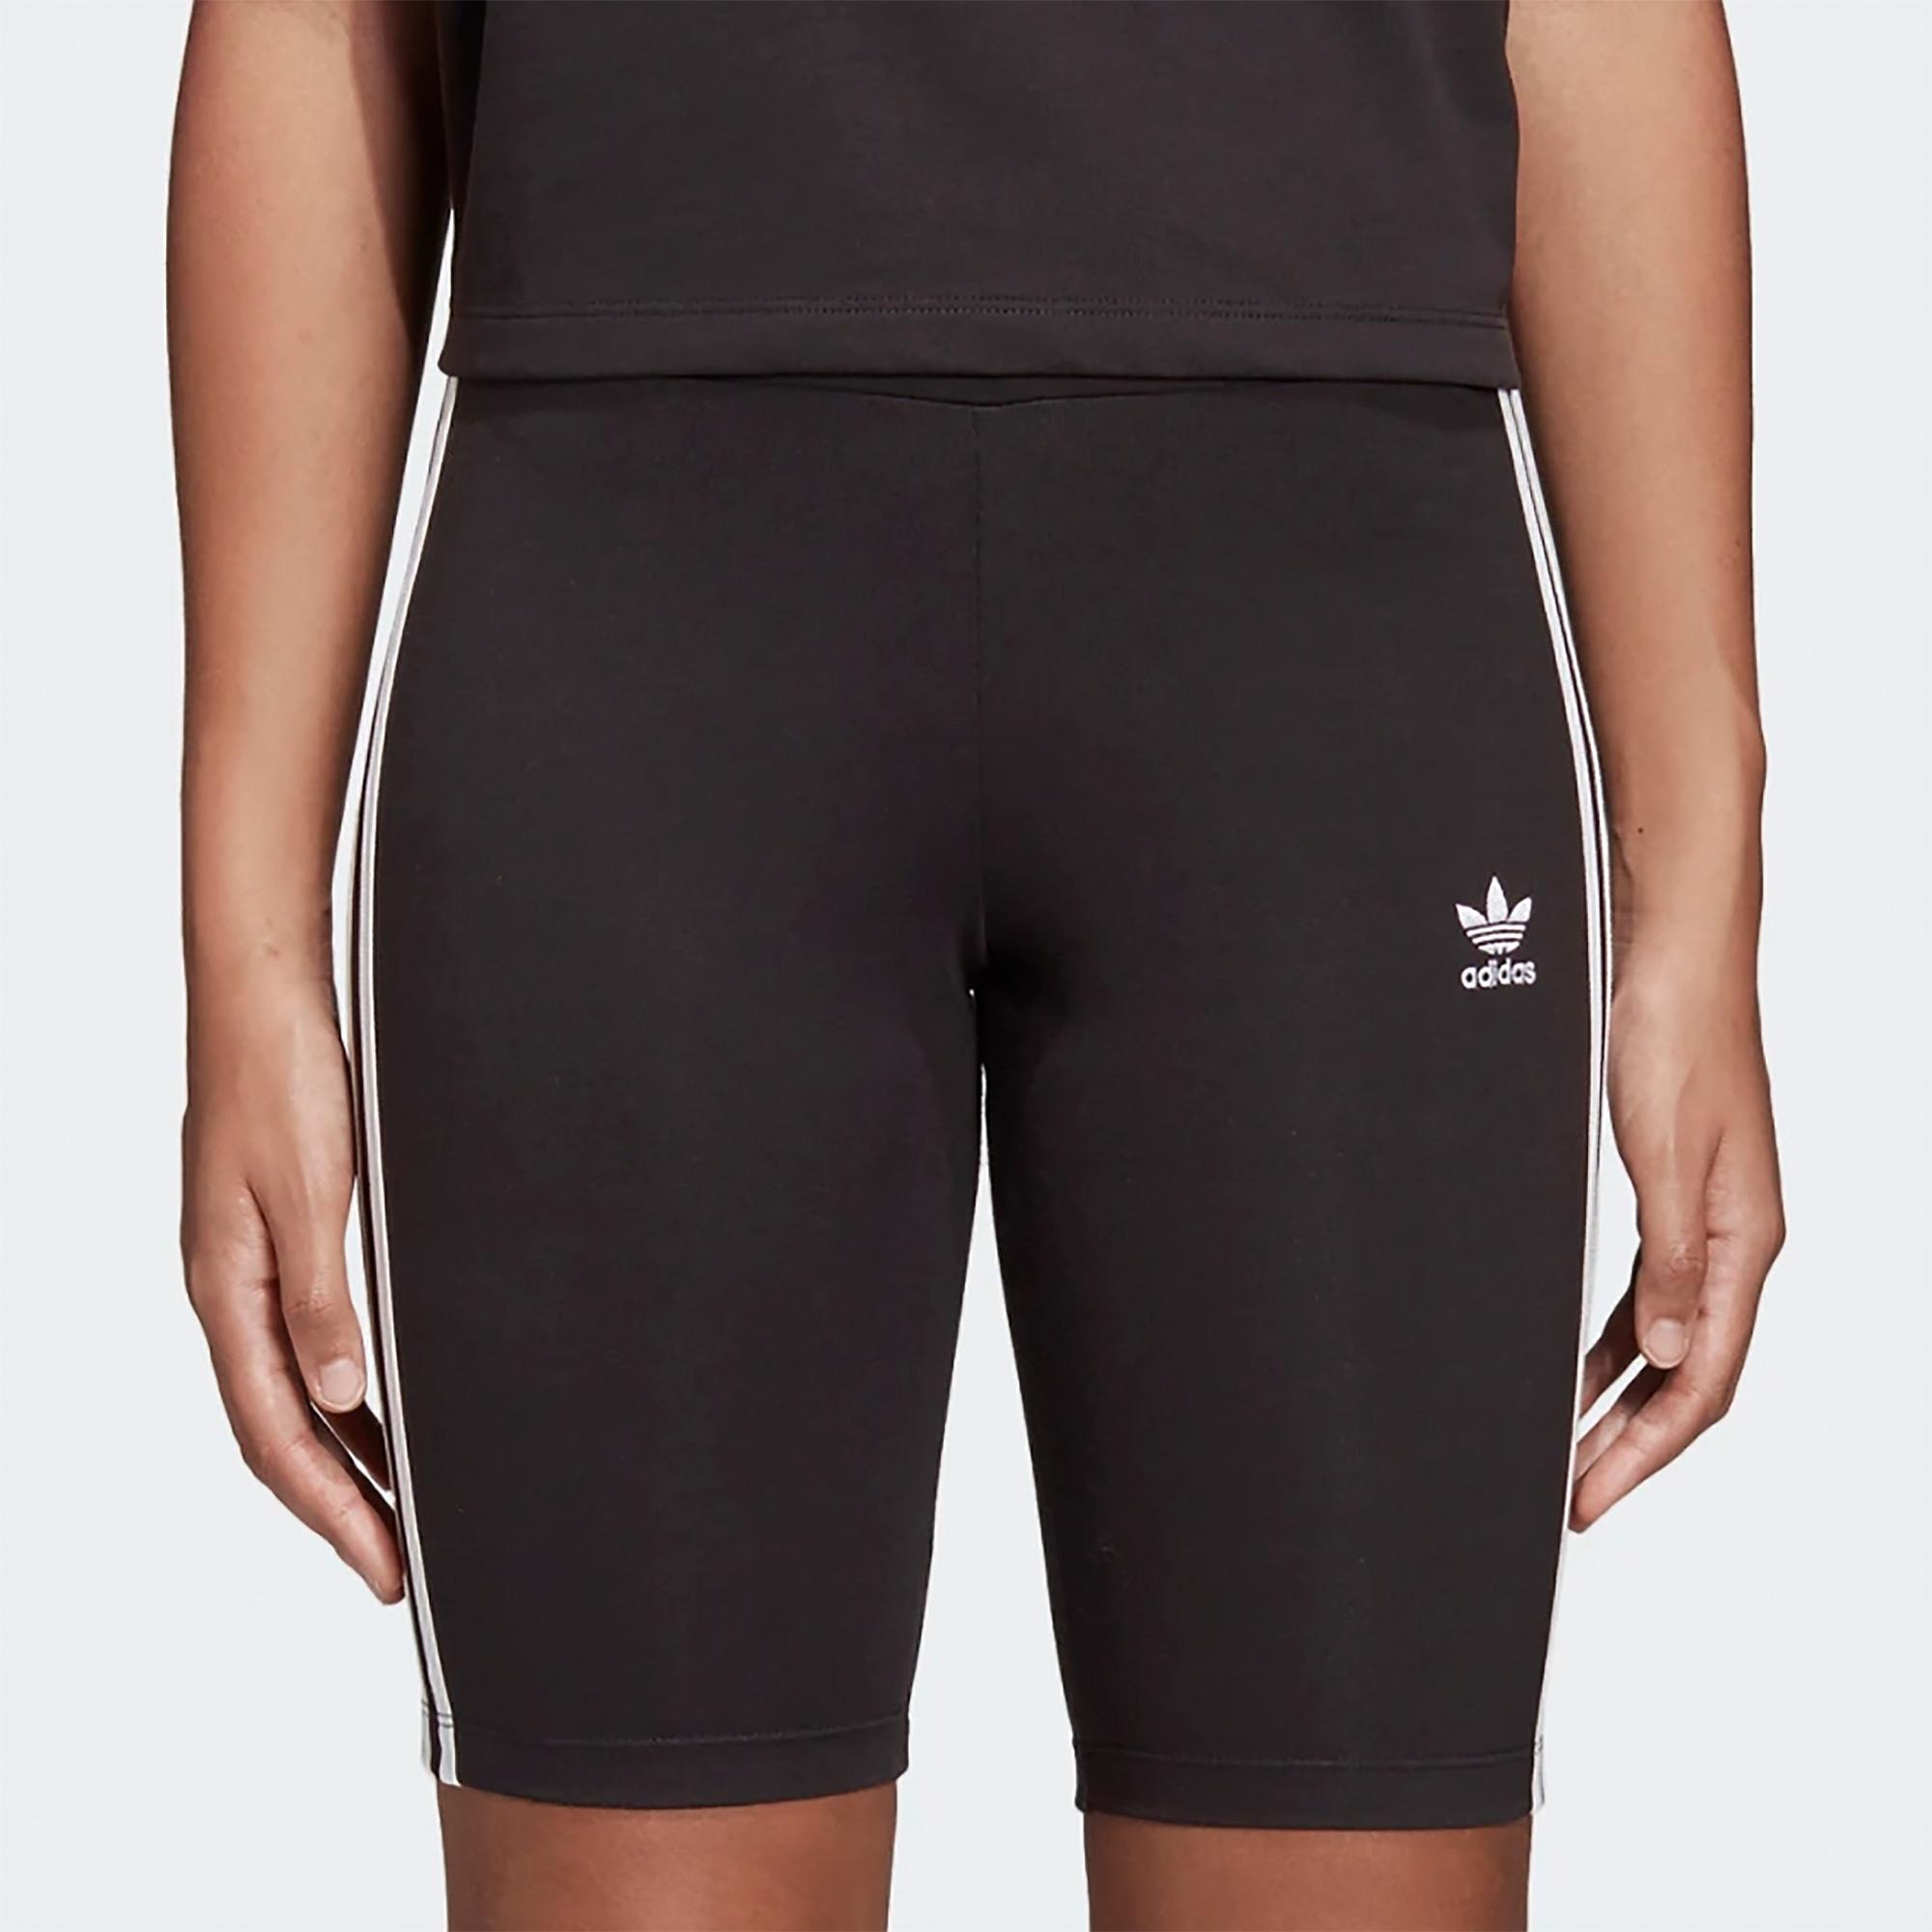 9833a759 Cycling Shorts - Black